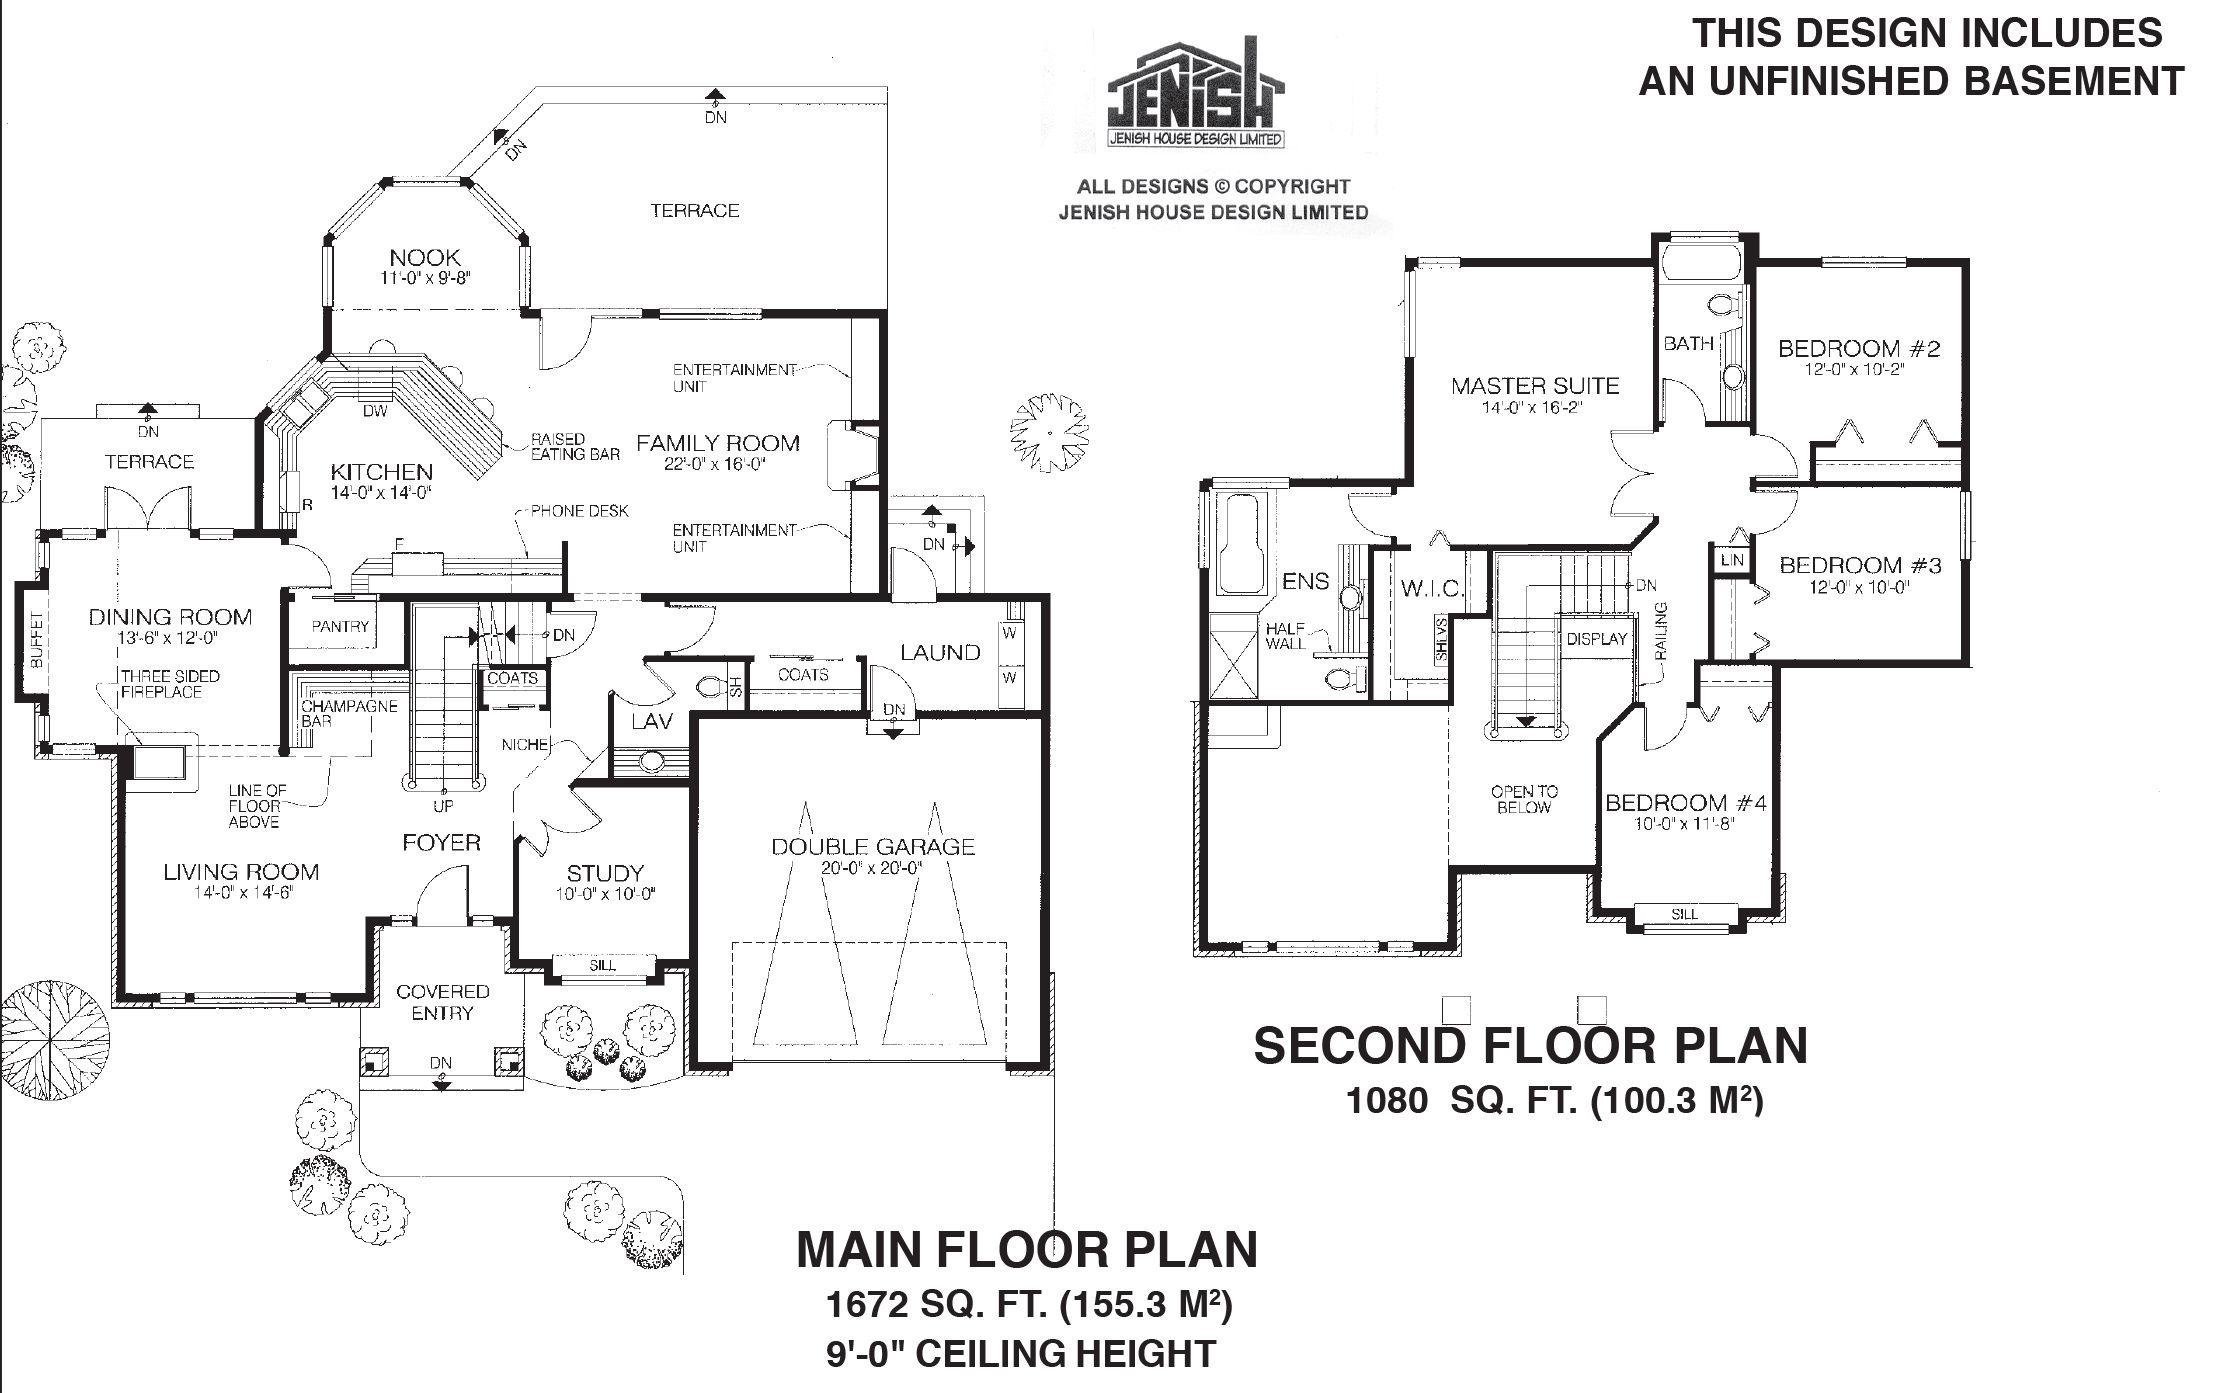 Image result for jenish home design kitchen w nook | Decorating ...